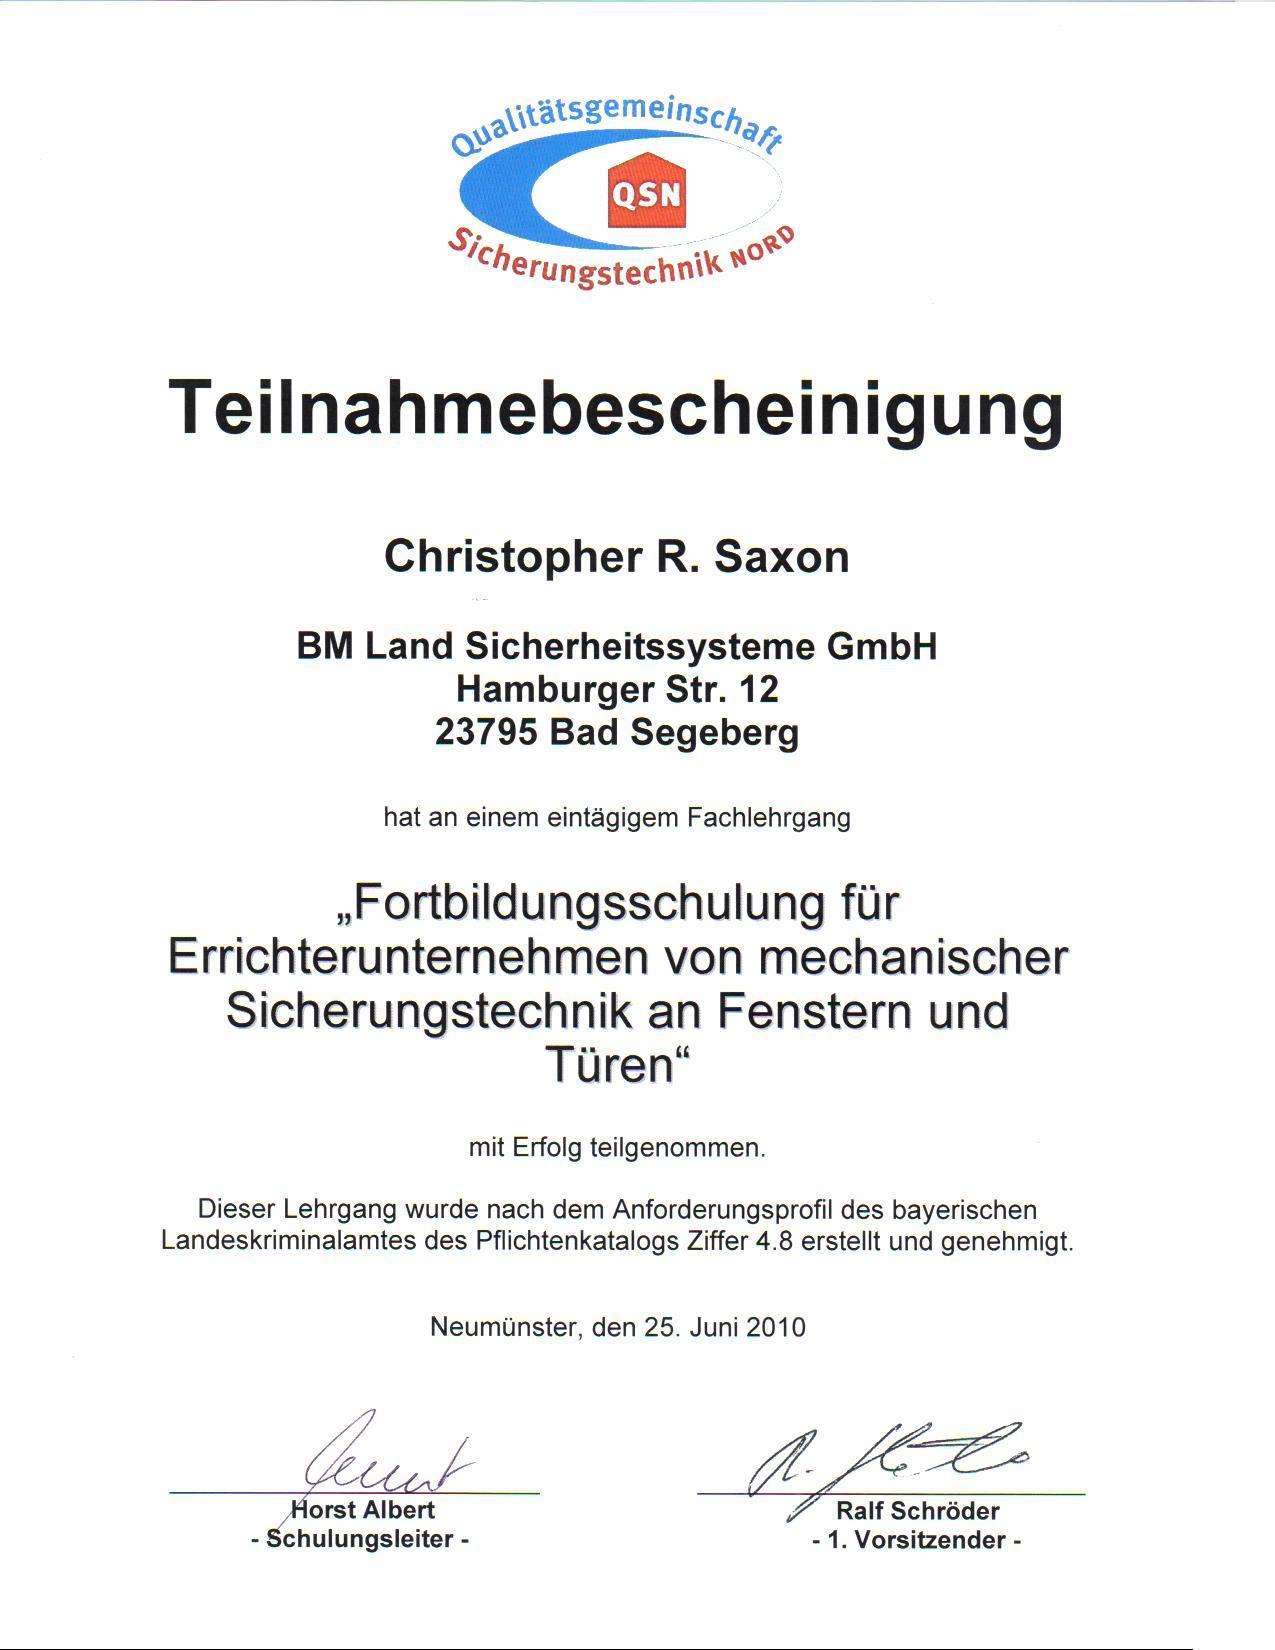 2010-06-25-QSN-Fortbildungsschulung